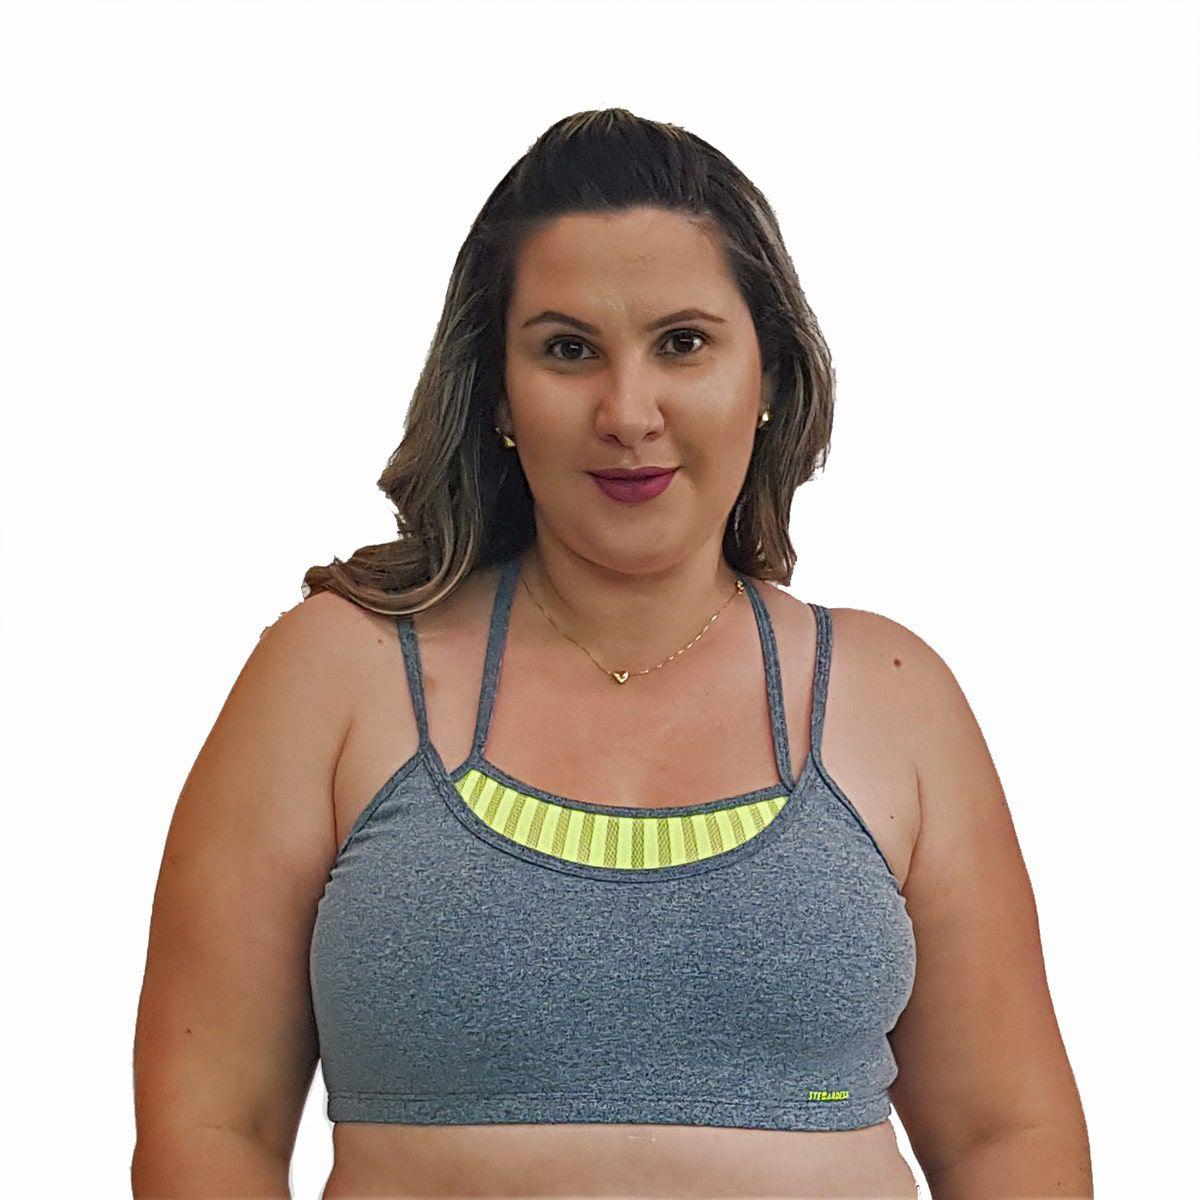 Top Fitness Plus Size com Alças Finas Duplas Cinza e Detalhe em Tela Verde Fluorescente